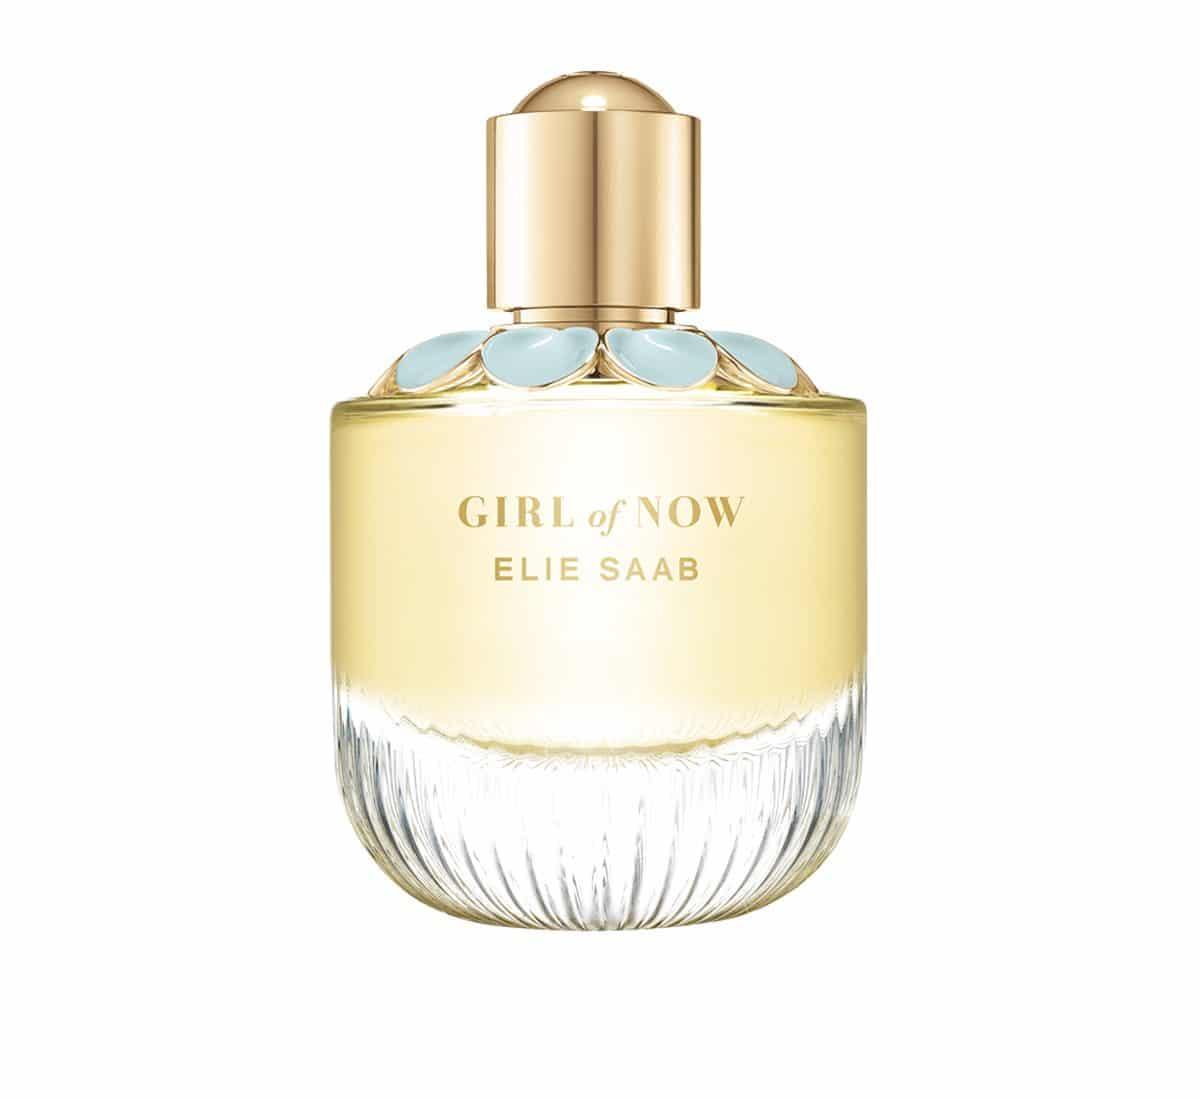 Cinque fragranze per l'autunno-inverno 2017 da non perdere - Elie Saab Girl of Now